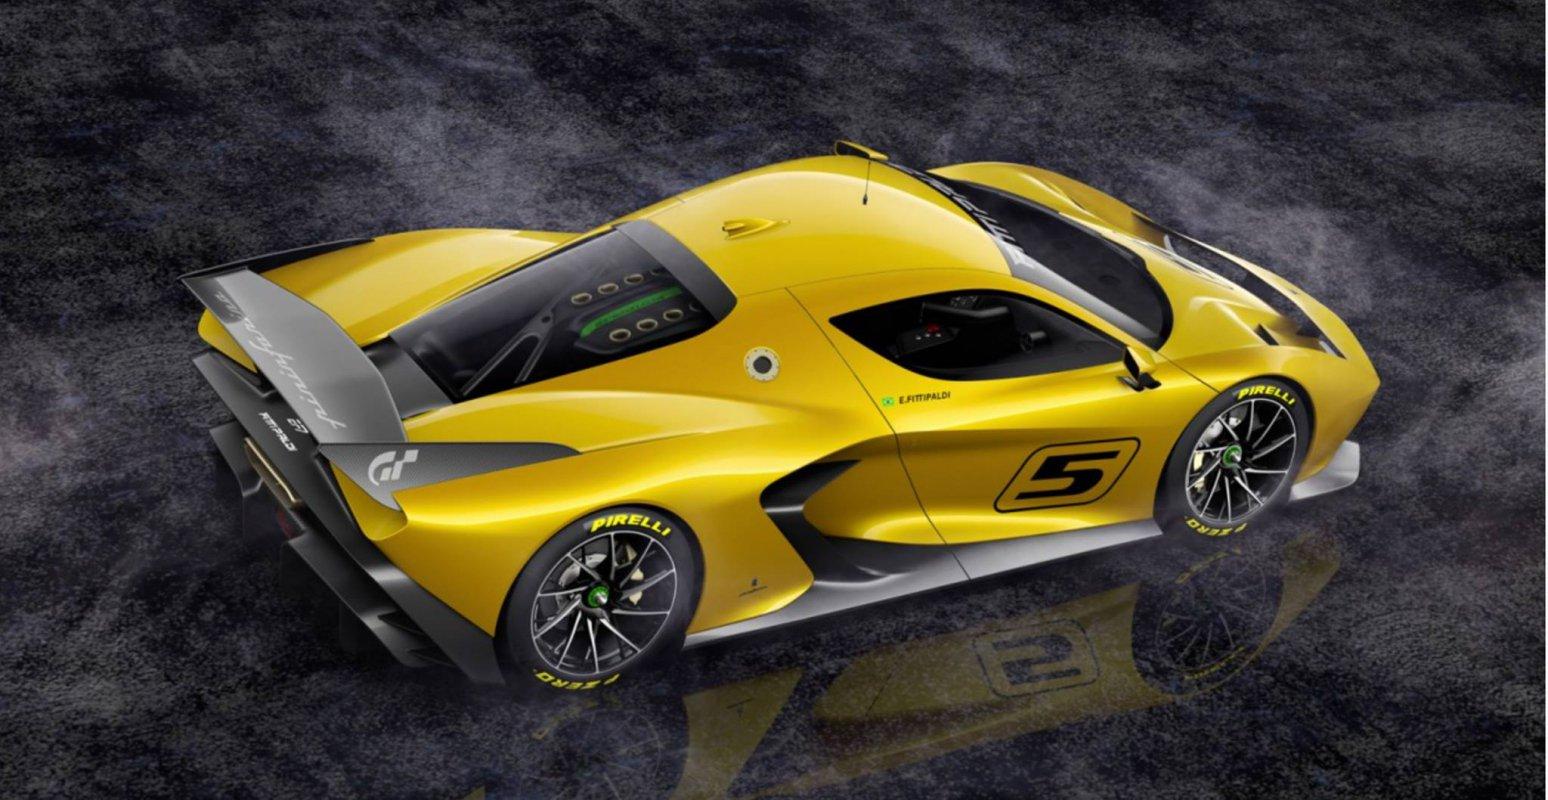 Fittipaldi EF7 : une hypercar conçue par Pininfarina qui arrive bientôt